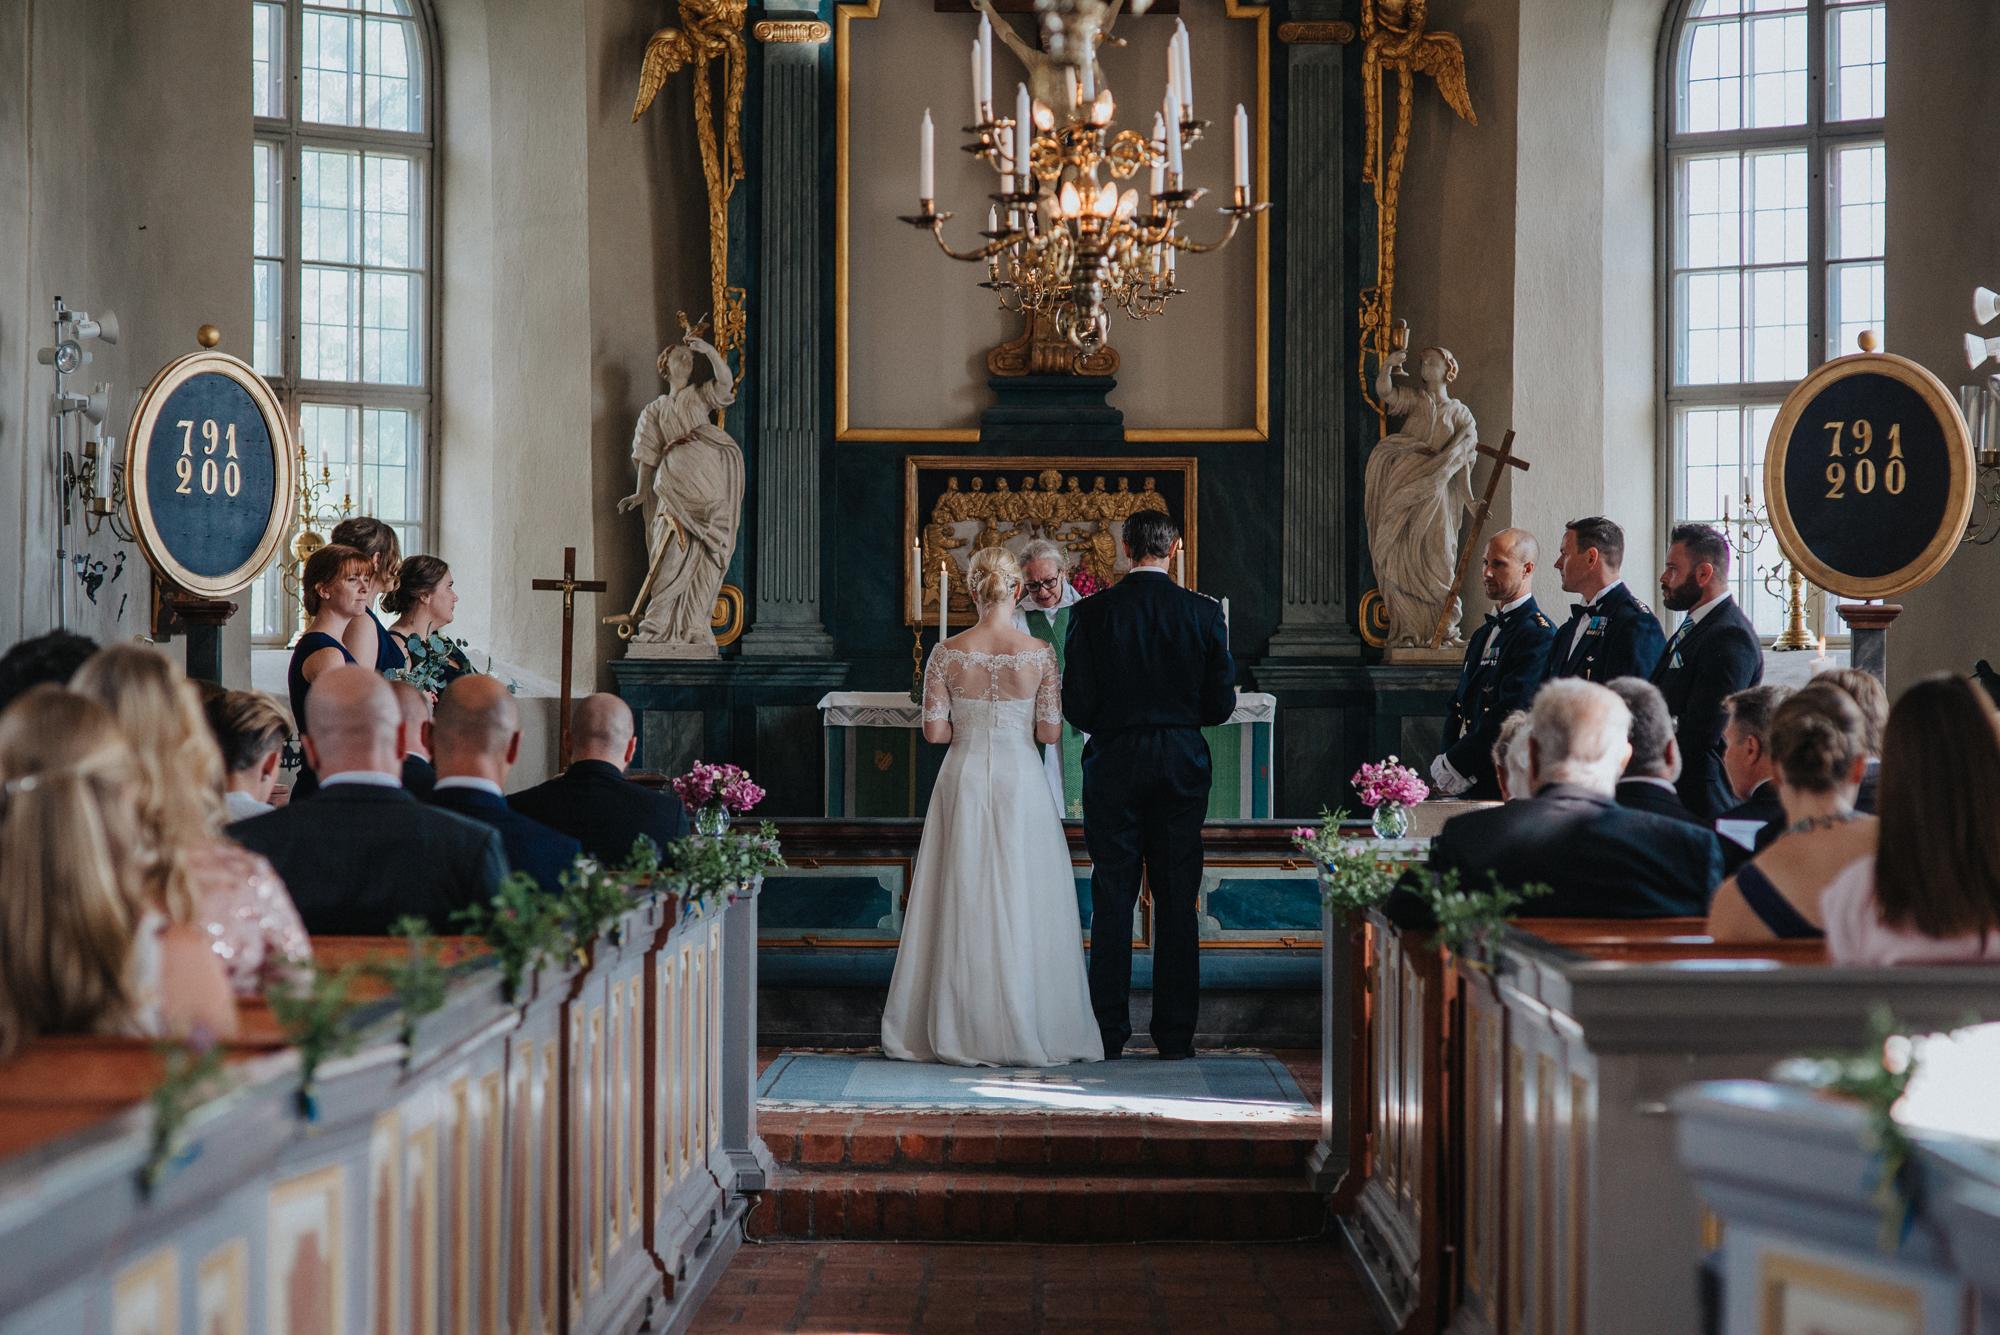 025-bröllopsfotograf-vassunda-knivsta-neas-fotografi.jpg